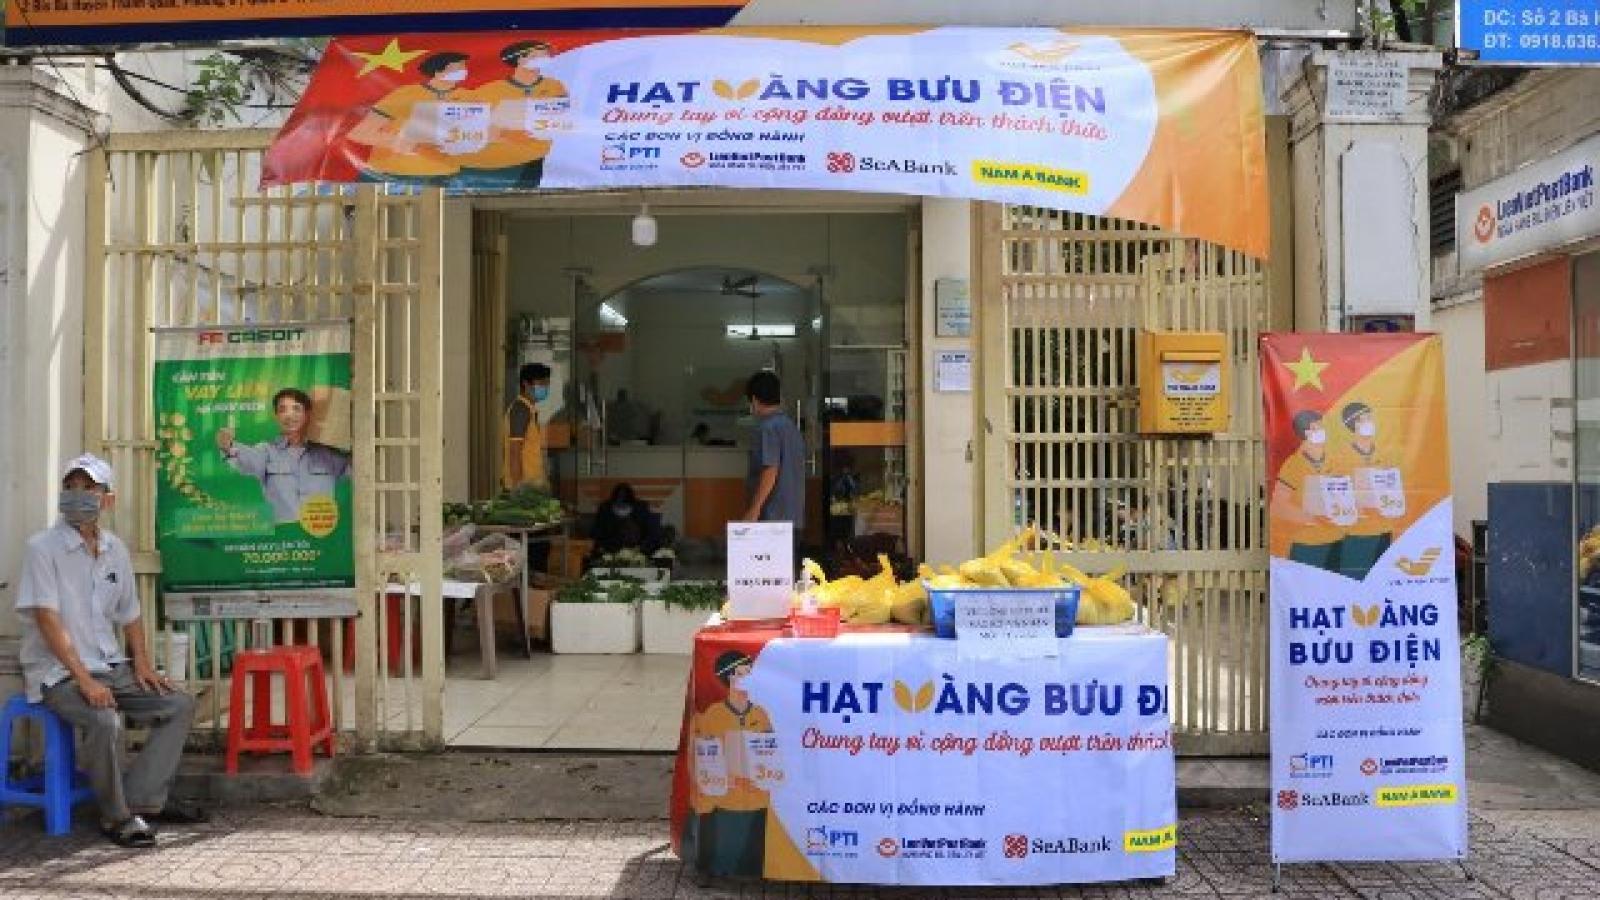 Ngành bưu điện hỗ trợ 700 tấn gạo cho các tỉnh phía Nam